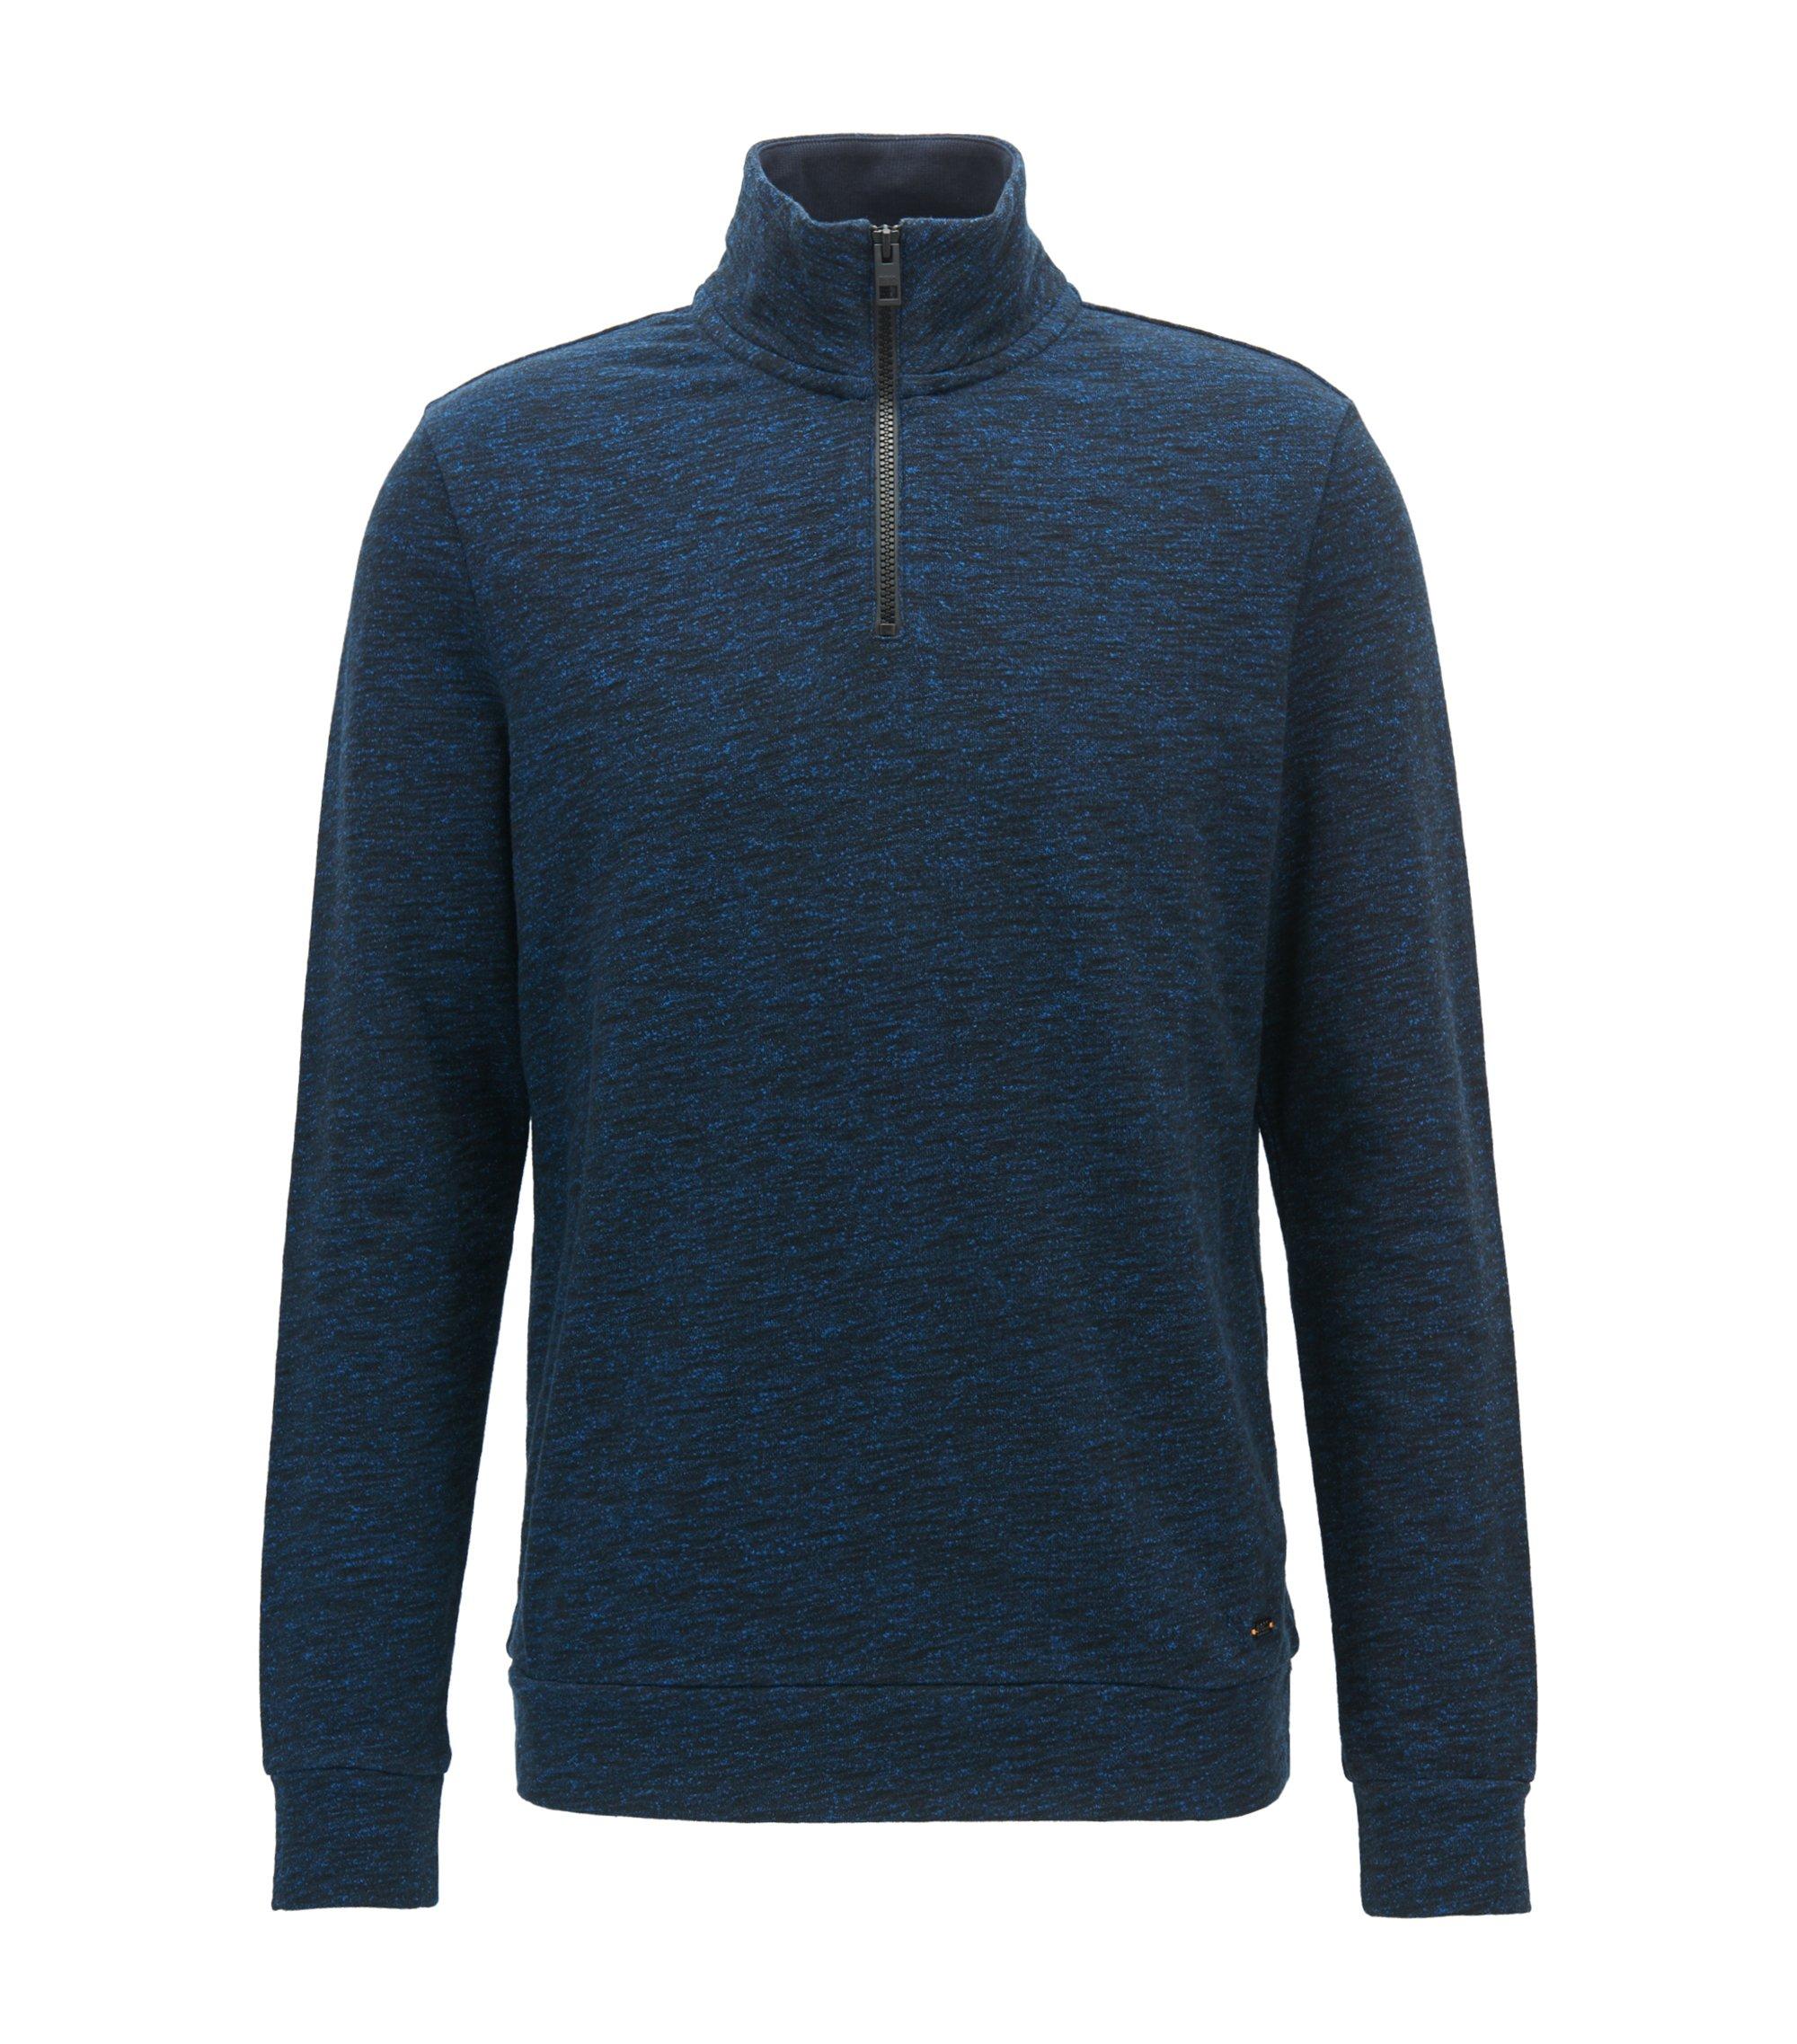 Zip-neck sweater in a heathered cotton blend, Dark Blue